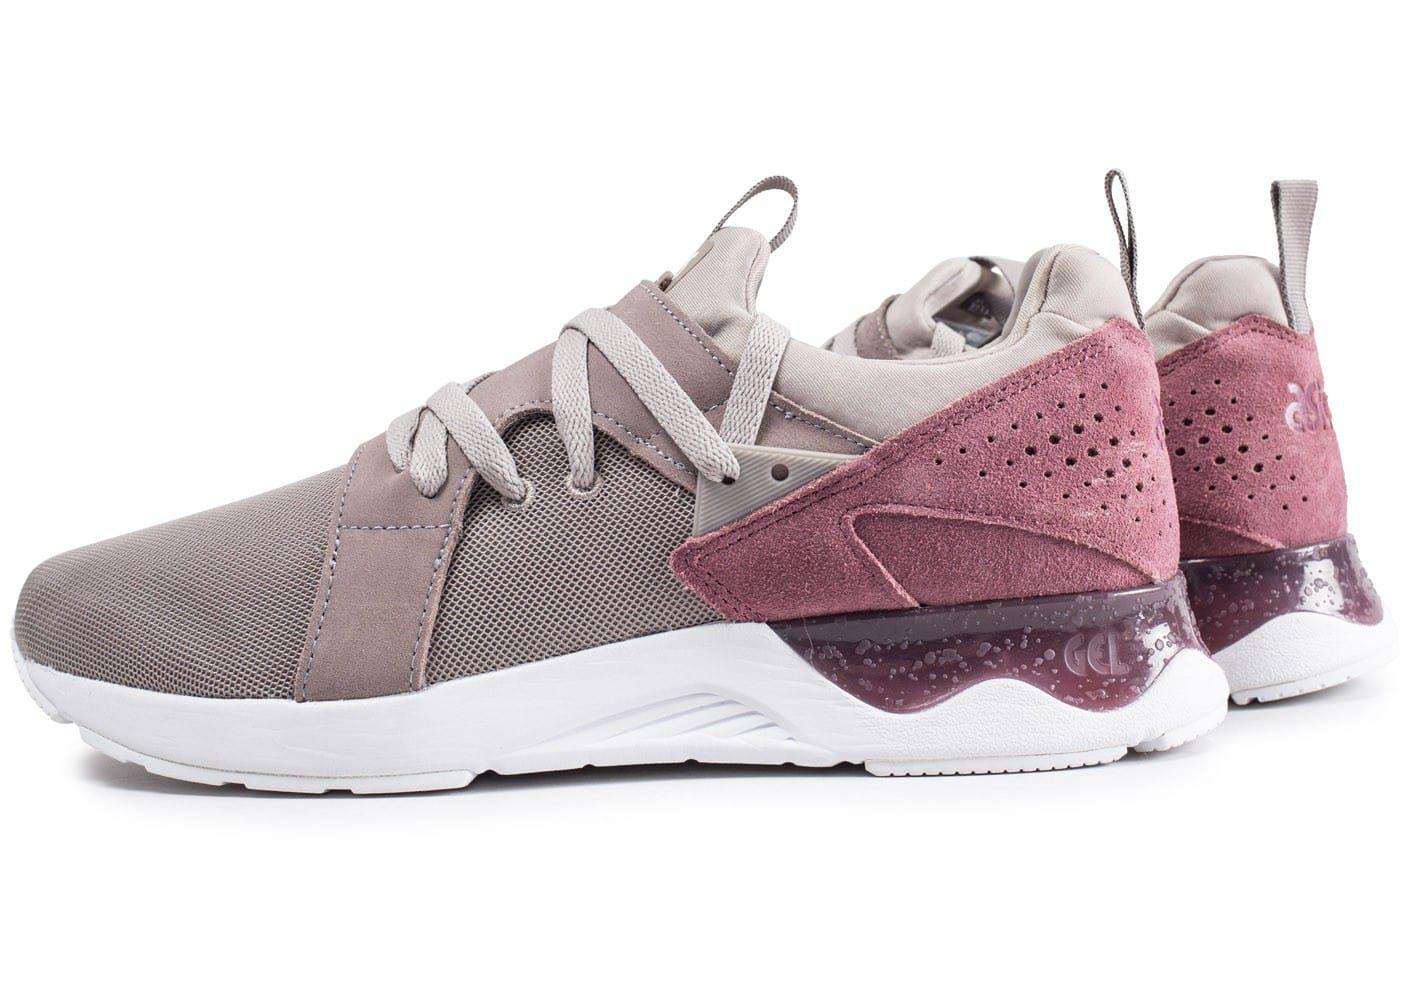 Chaussures Asics Gel Lyte V Sanze - 3 couleurs au choix